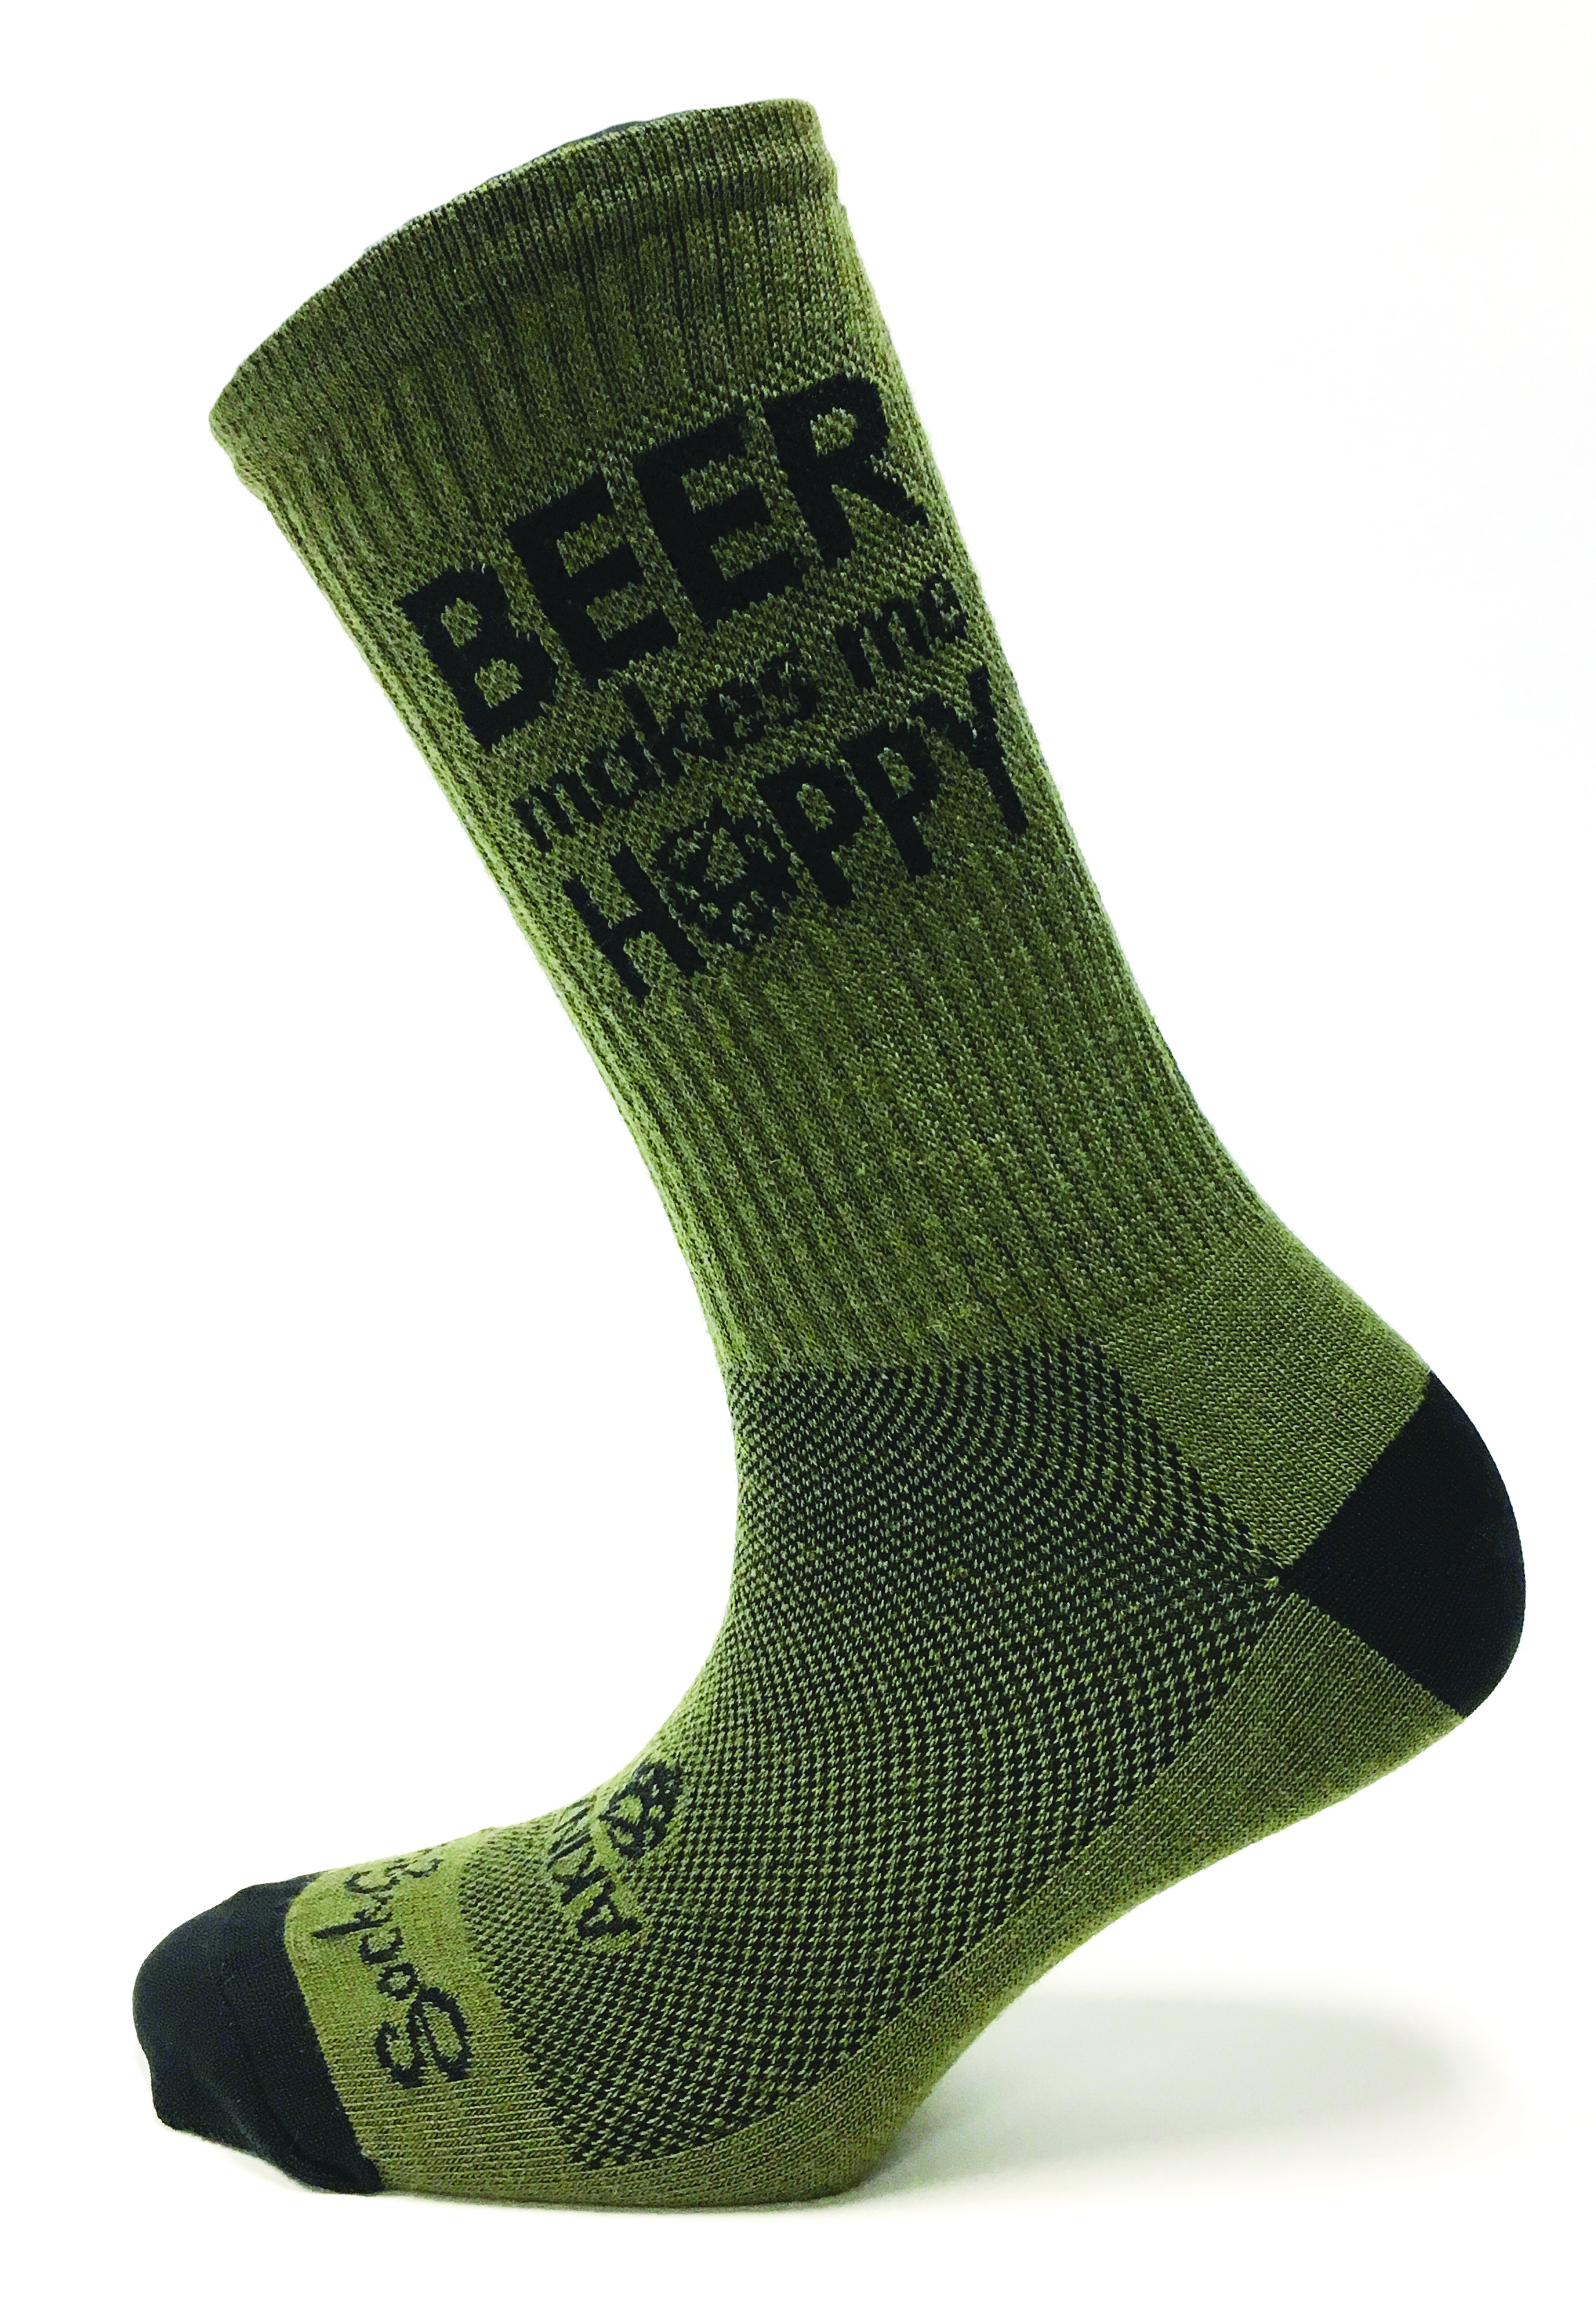 hoppy-sock.jpg